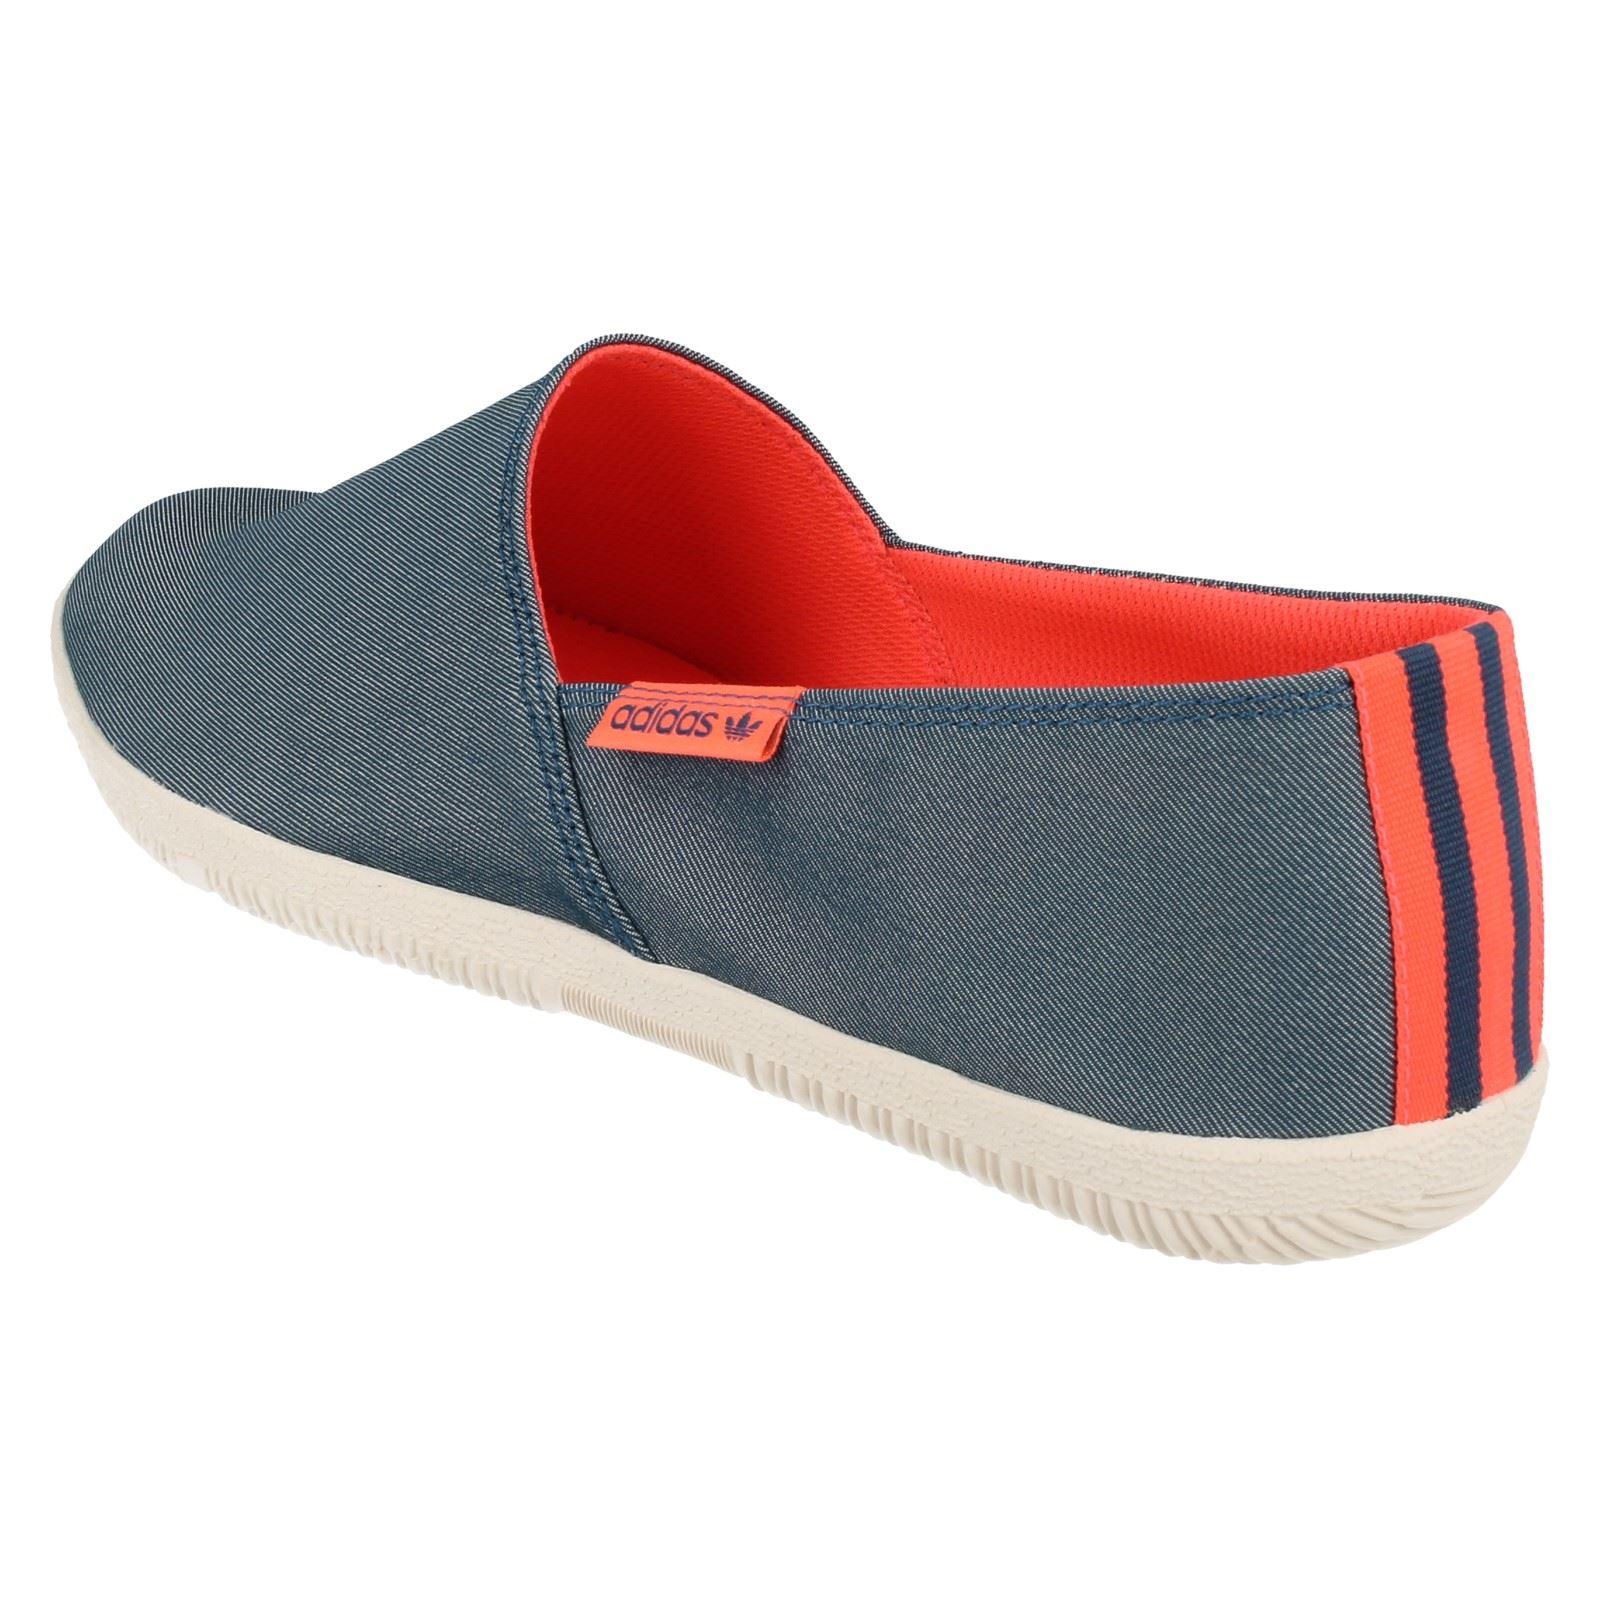 Mens-Adidas-Adidrill-Canvas-Pumps thumbnail 12